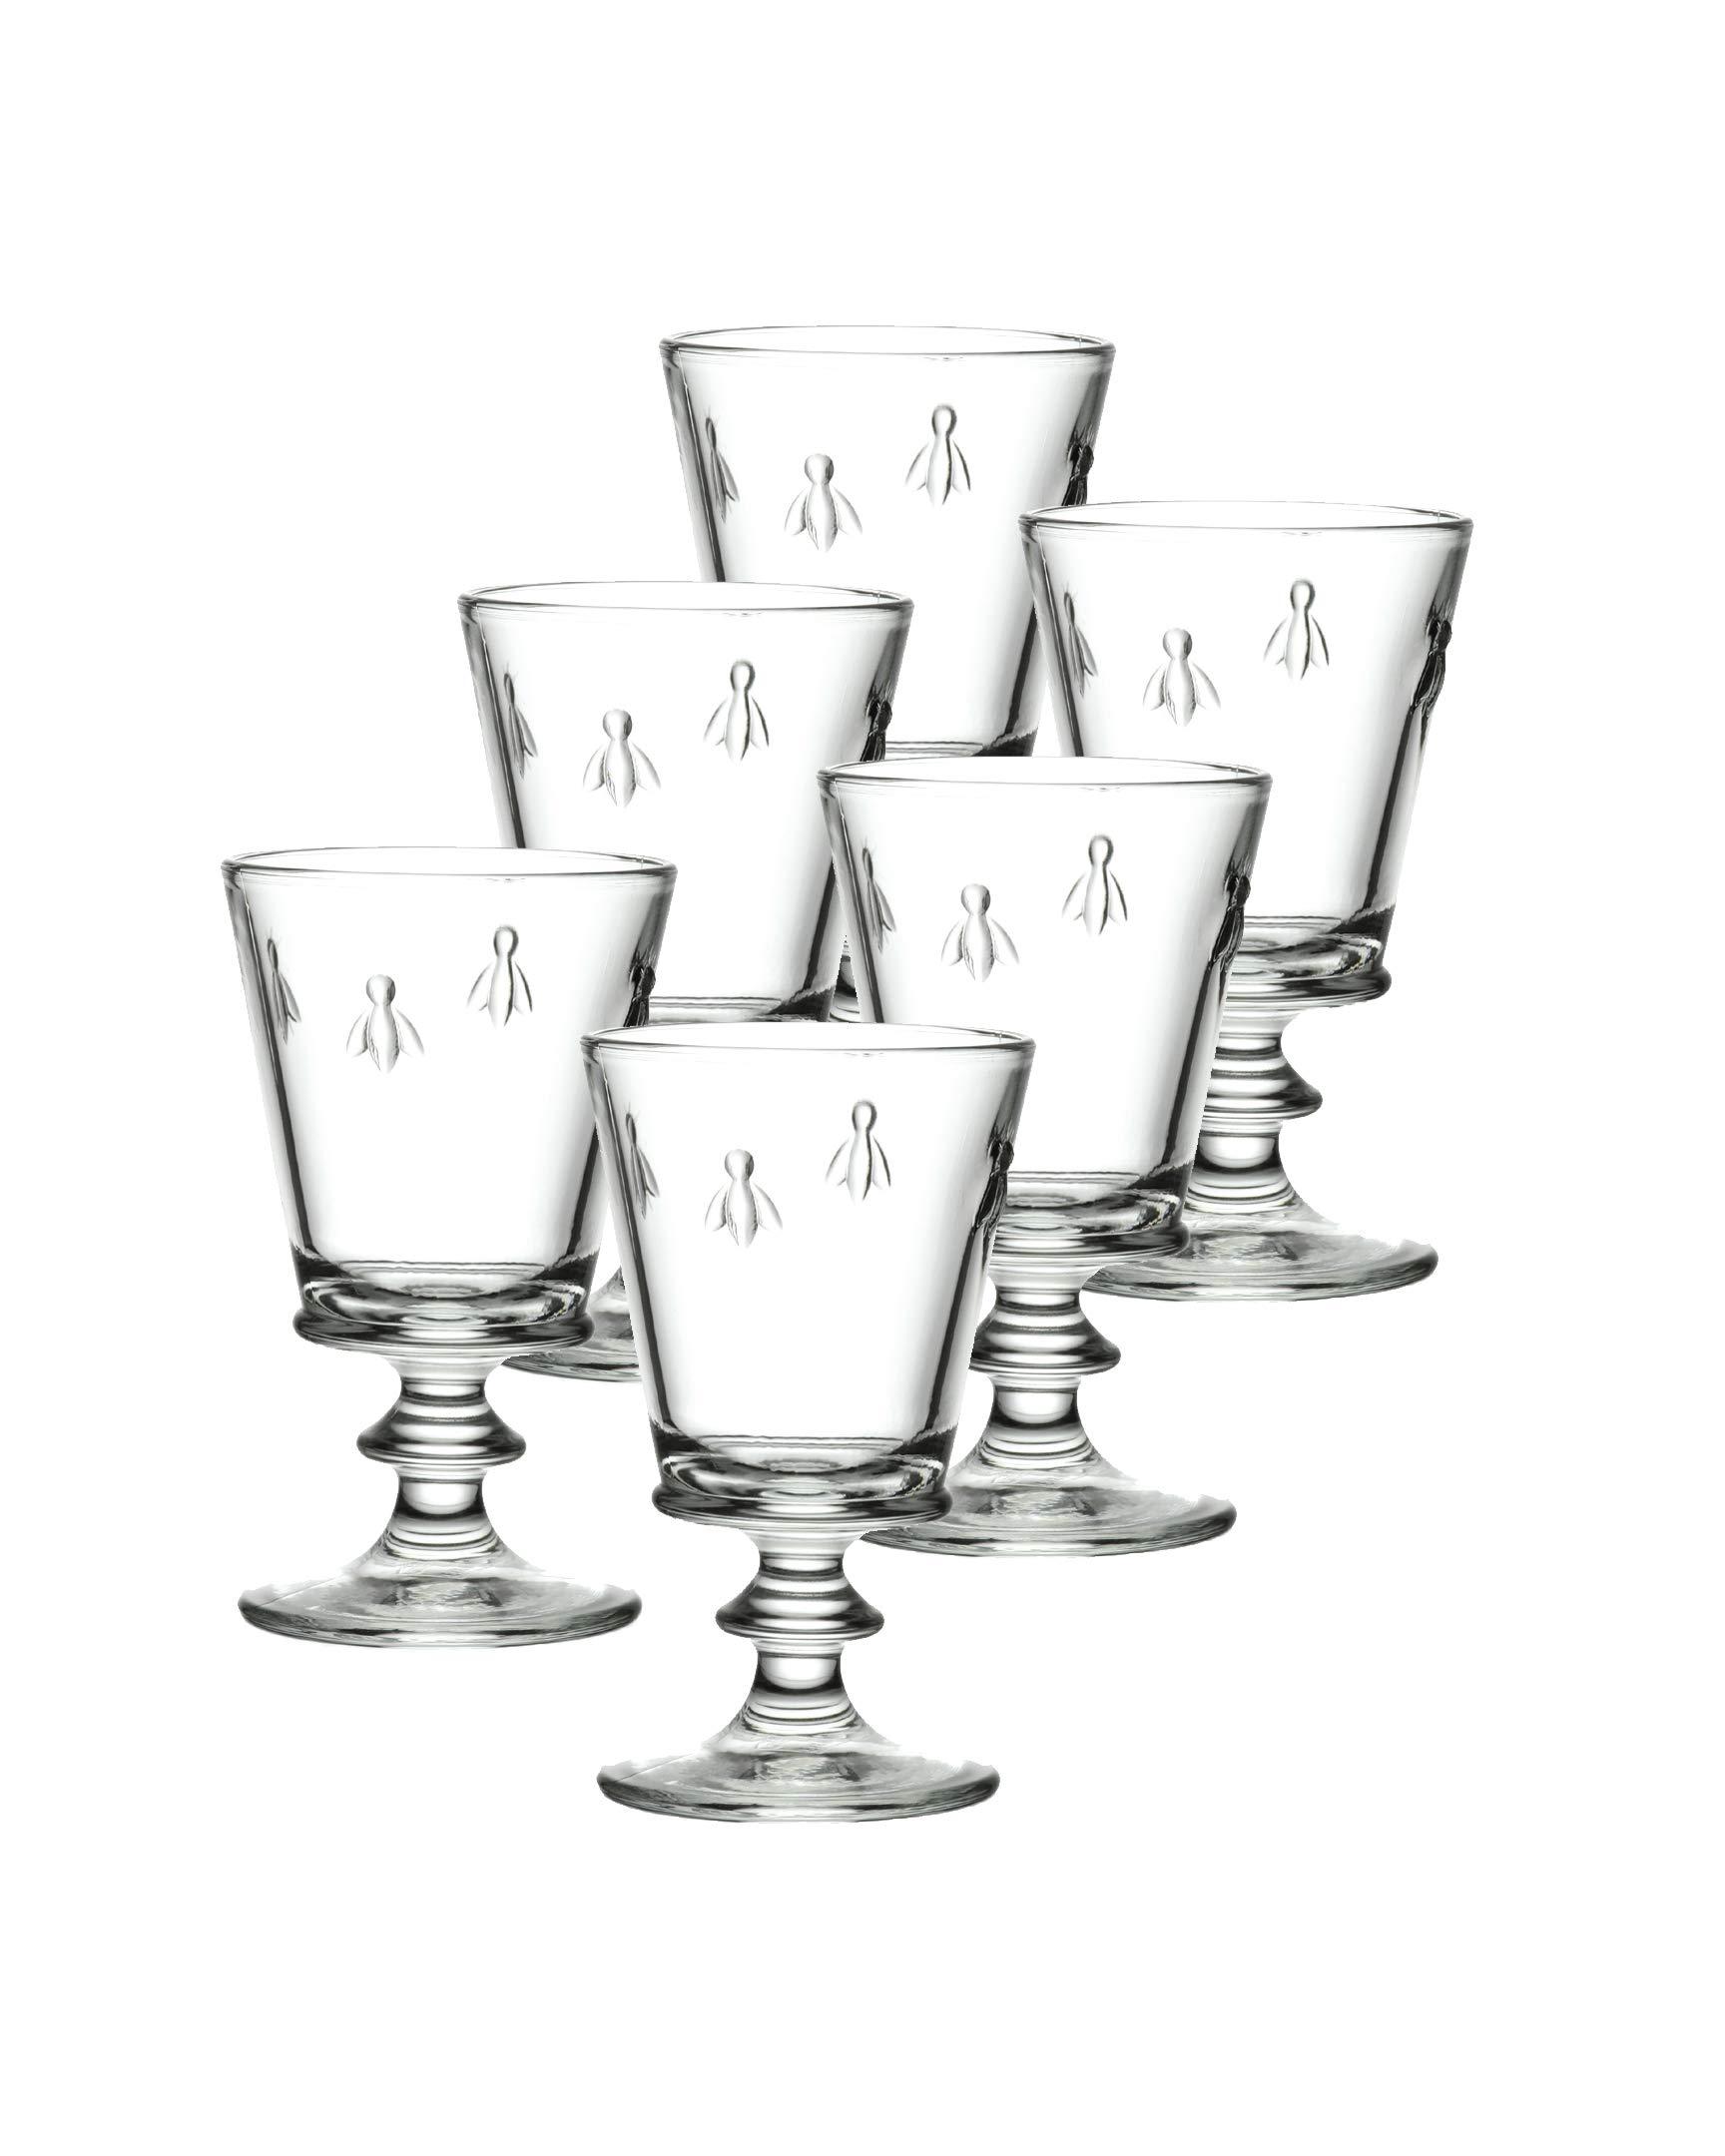 La Rochere Set Of 6, 12-ounce Napoleon Bee Tasting Glasses by La Rochere